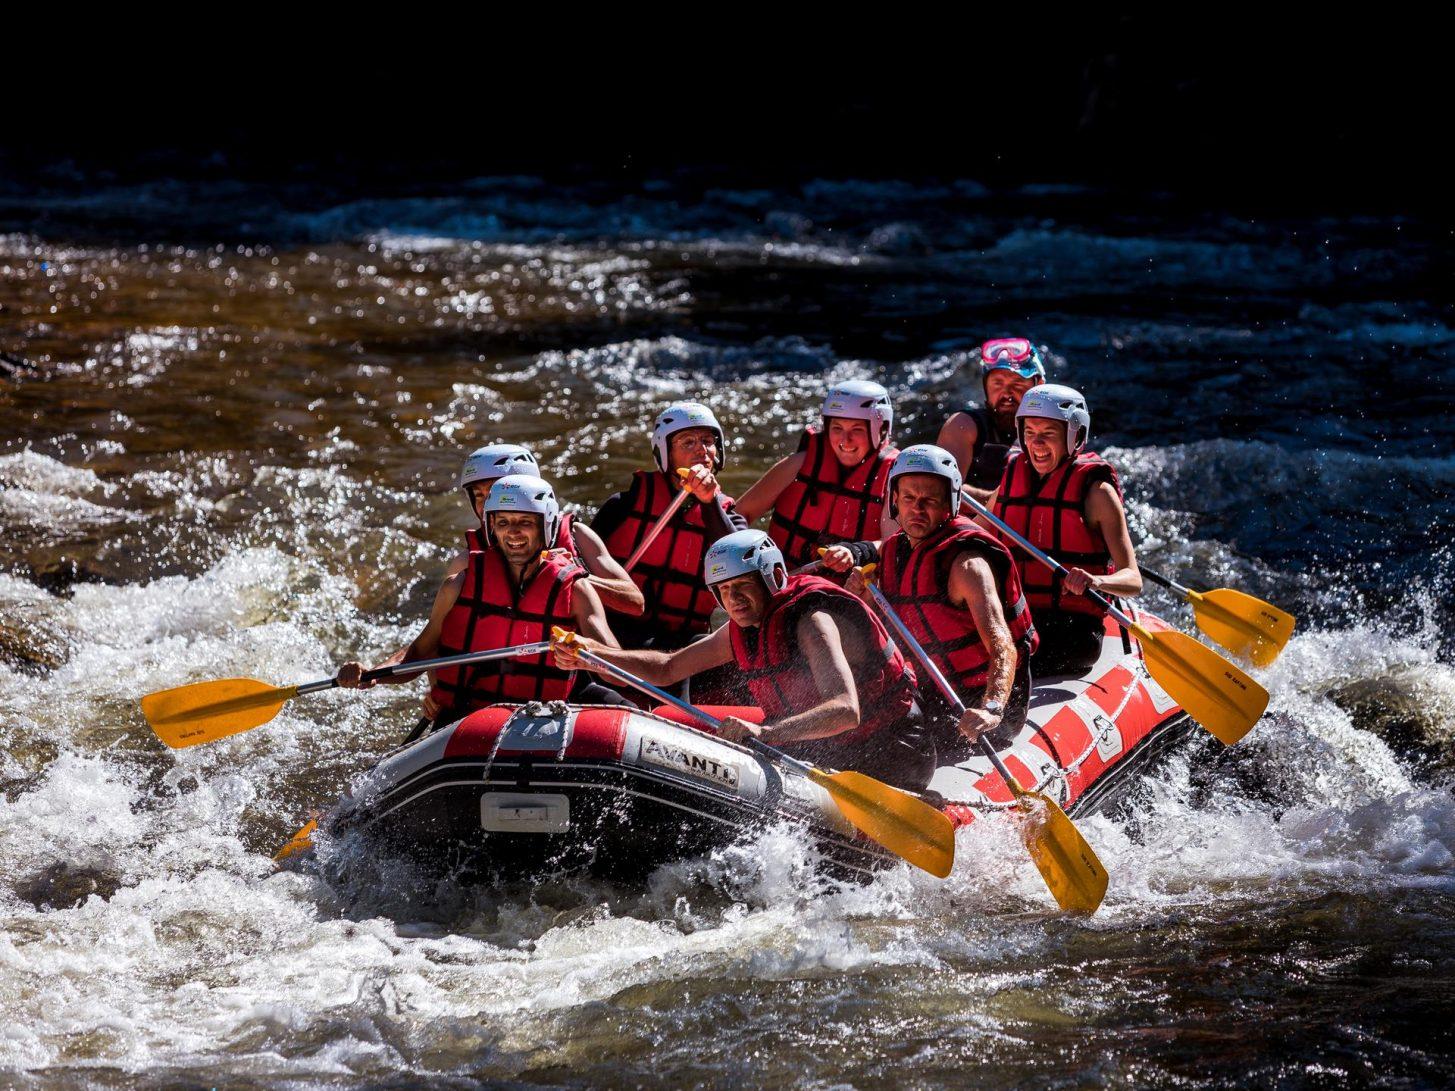 Rafting dans les gorges de la Haute vallée de l'Aude, adrenaline © Raphael Kann, ADT de l'Aude